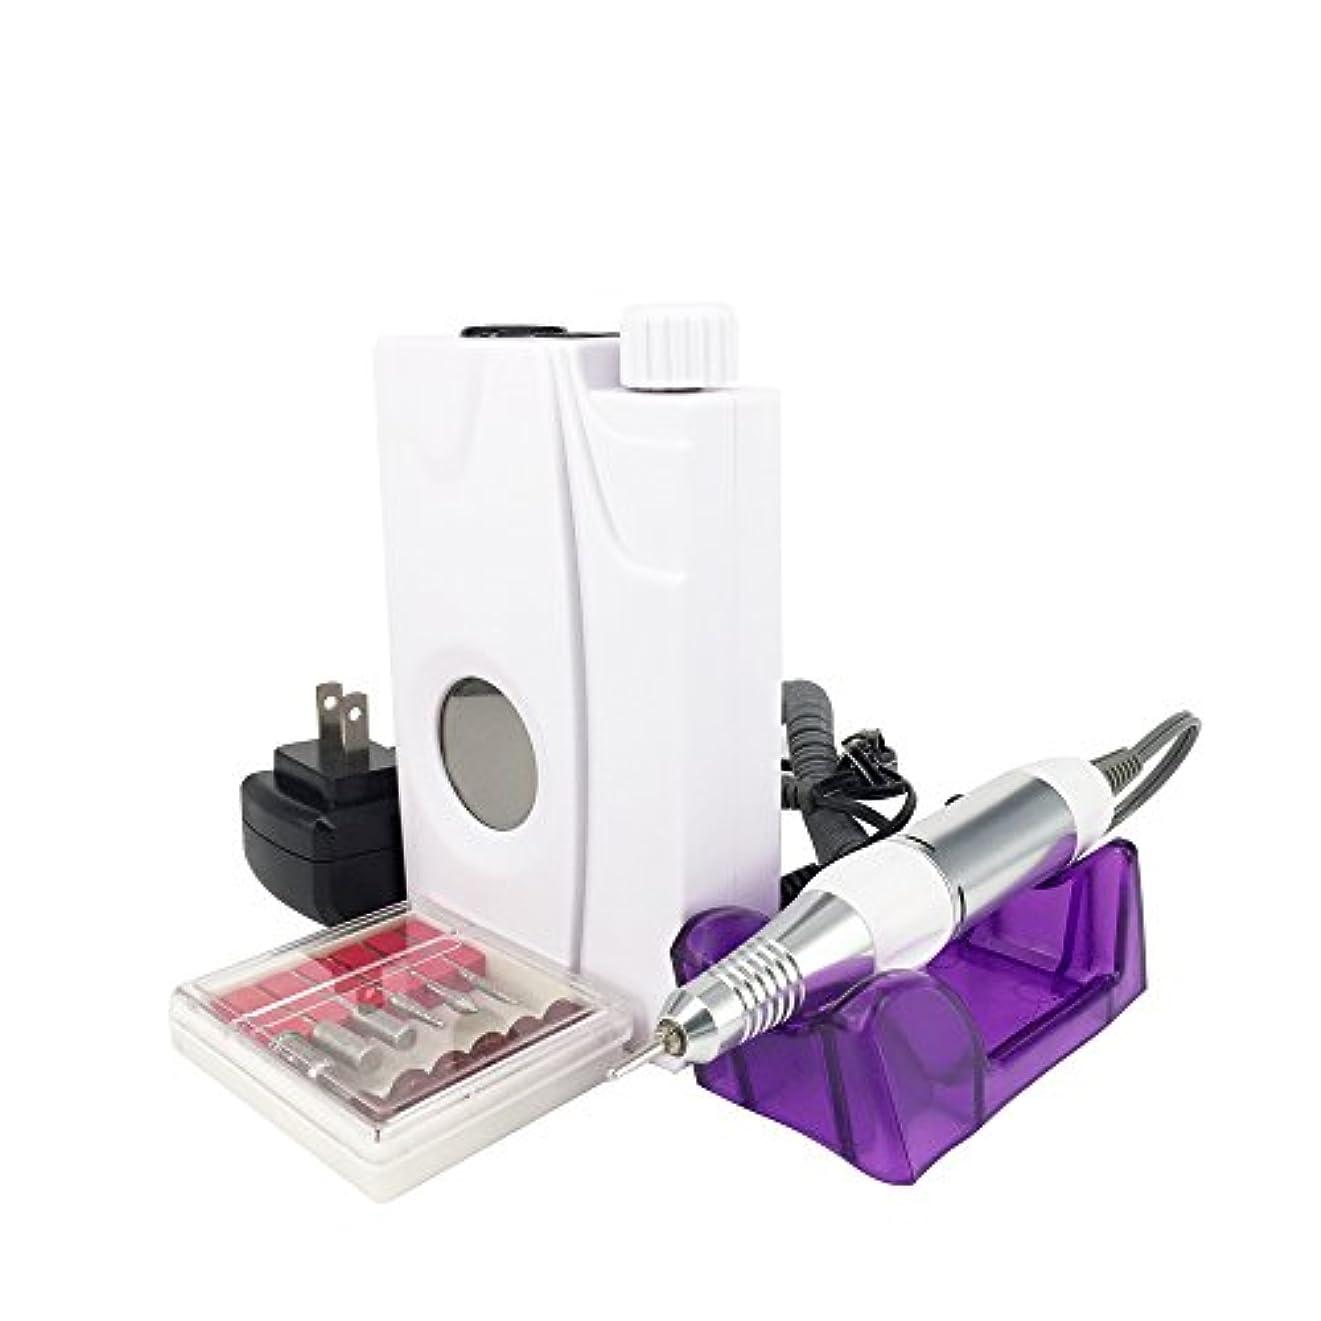 とてもコレクションポイントUZMEI 30000rpm Professional Electric Nail File Machine Cordless Rechargeable Nail Drill Electric Nail Buffer